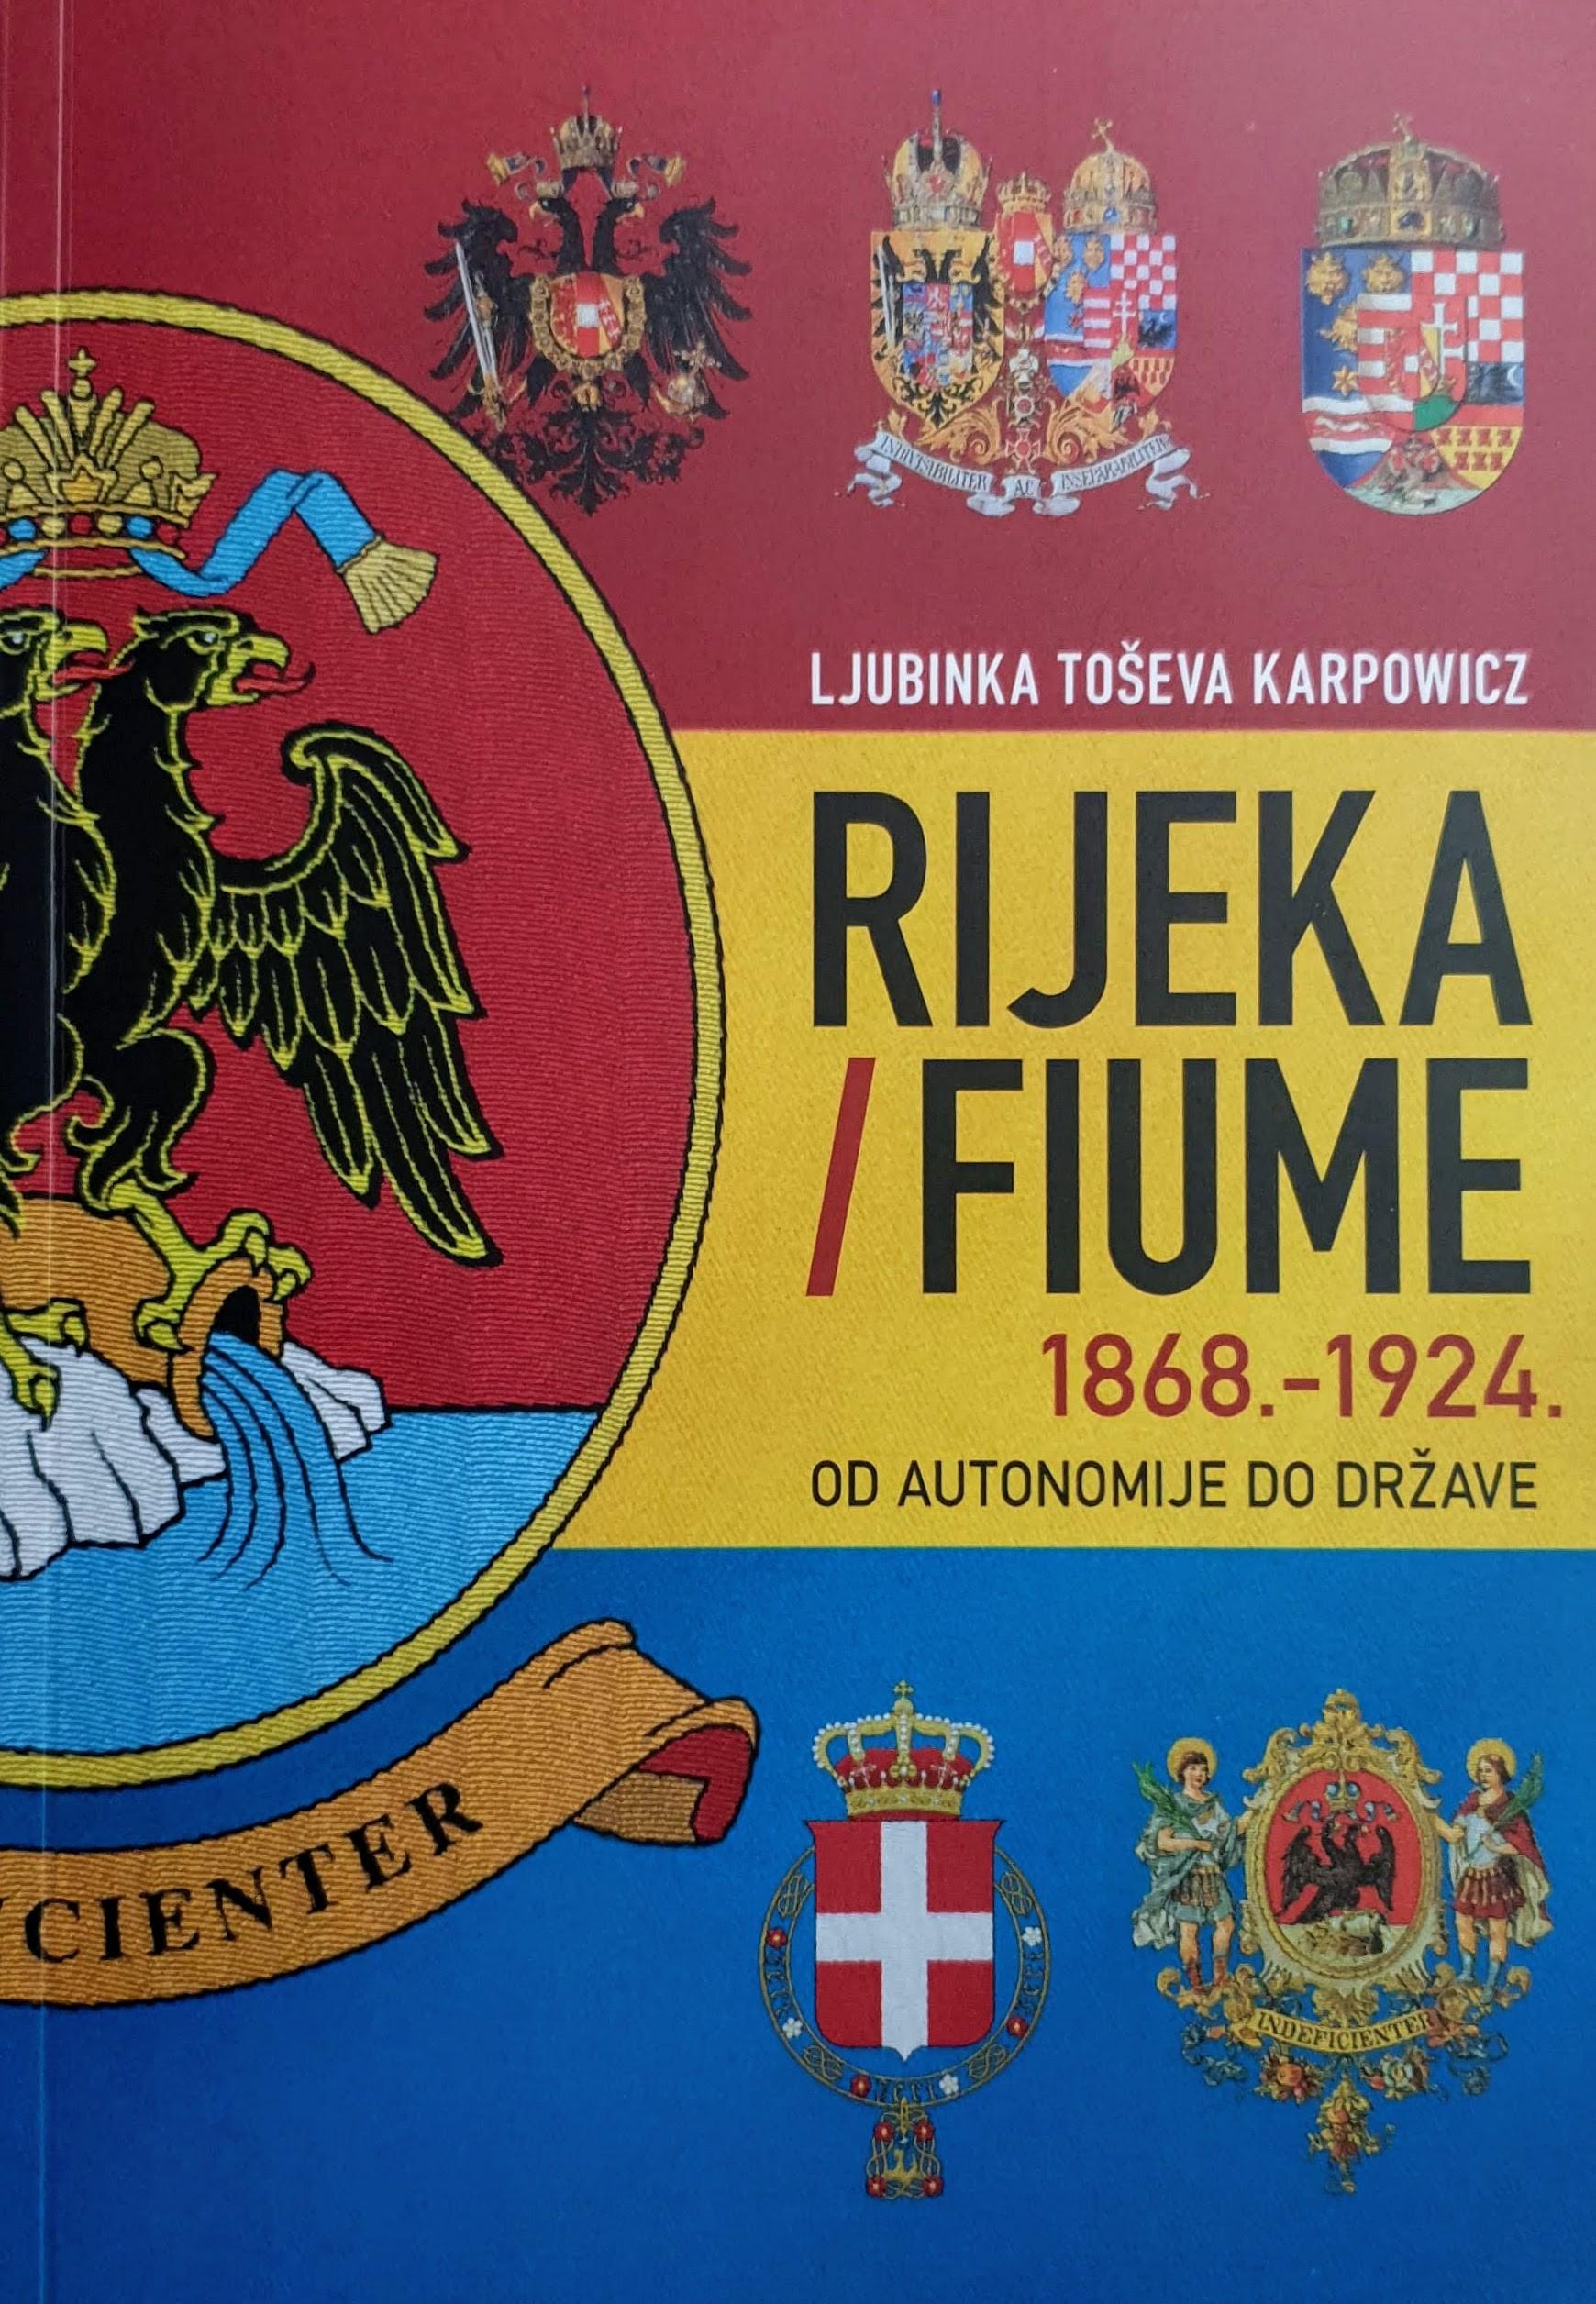 Ljubinka Karpowicz: RIJEKA / FIUME 1868.-1924. od autonomije do države